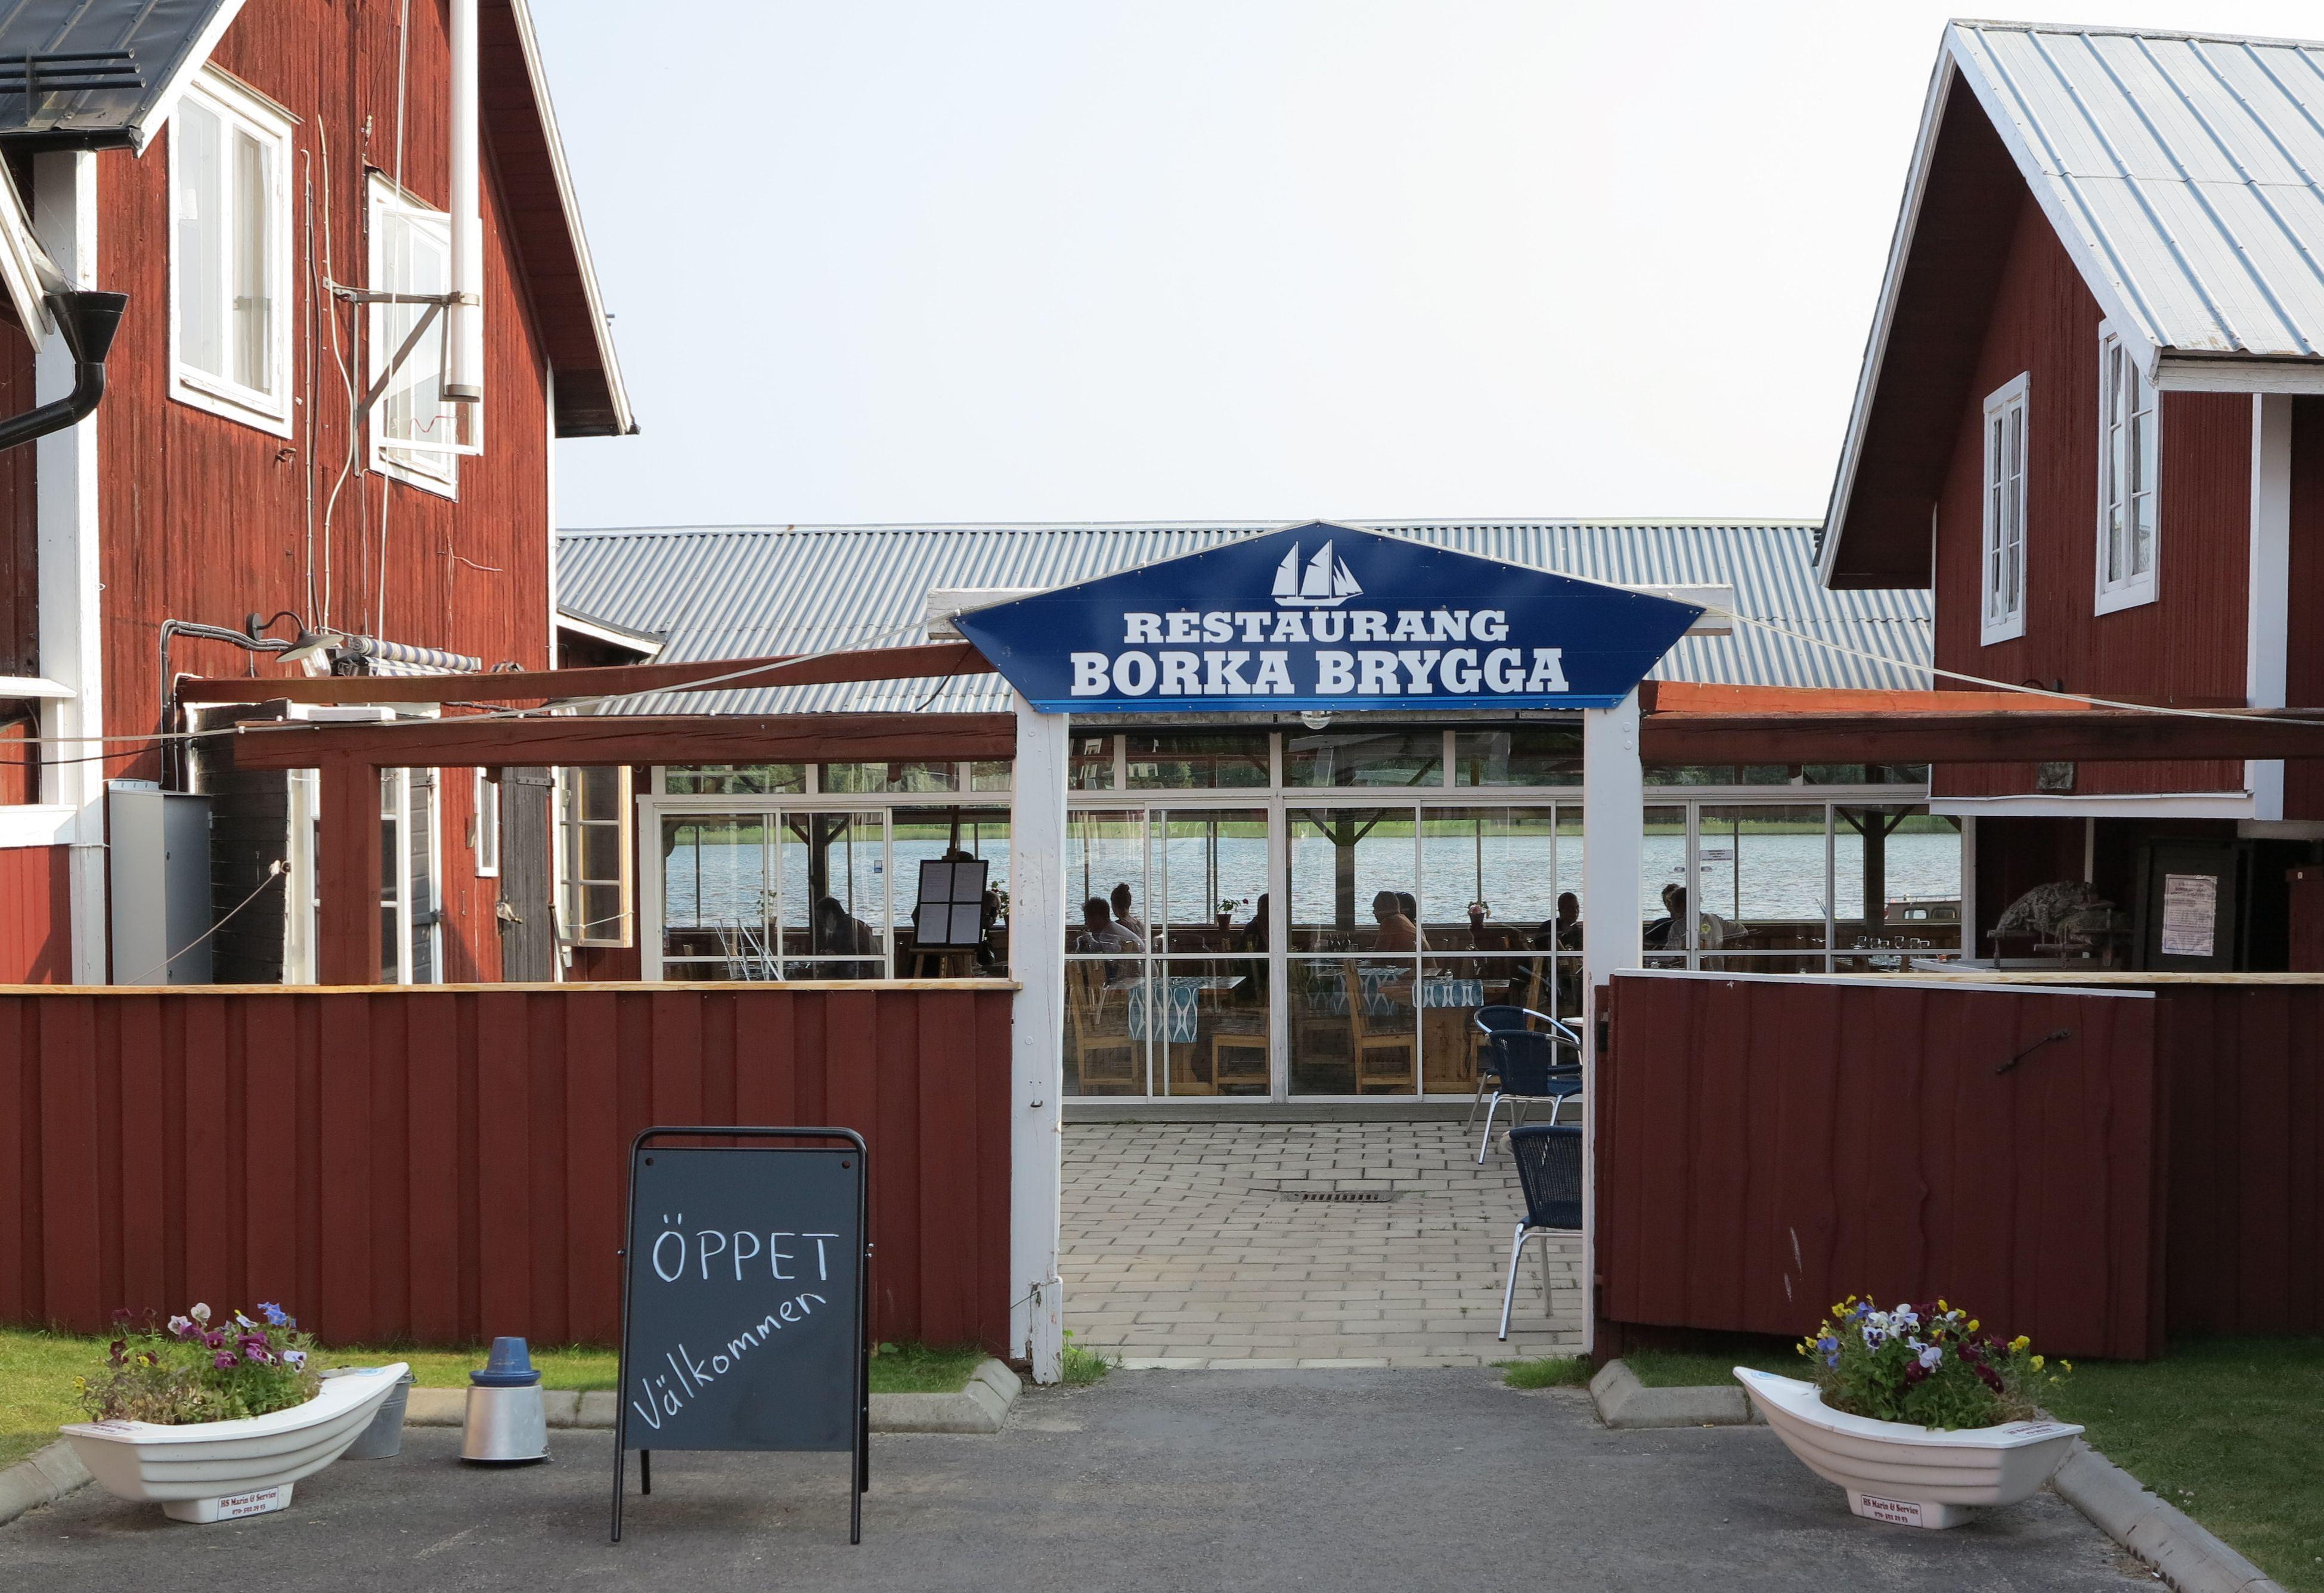 Borka Brygga